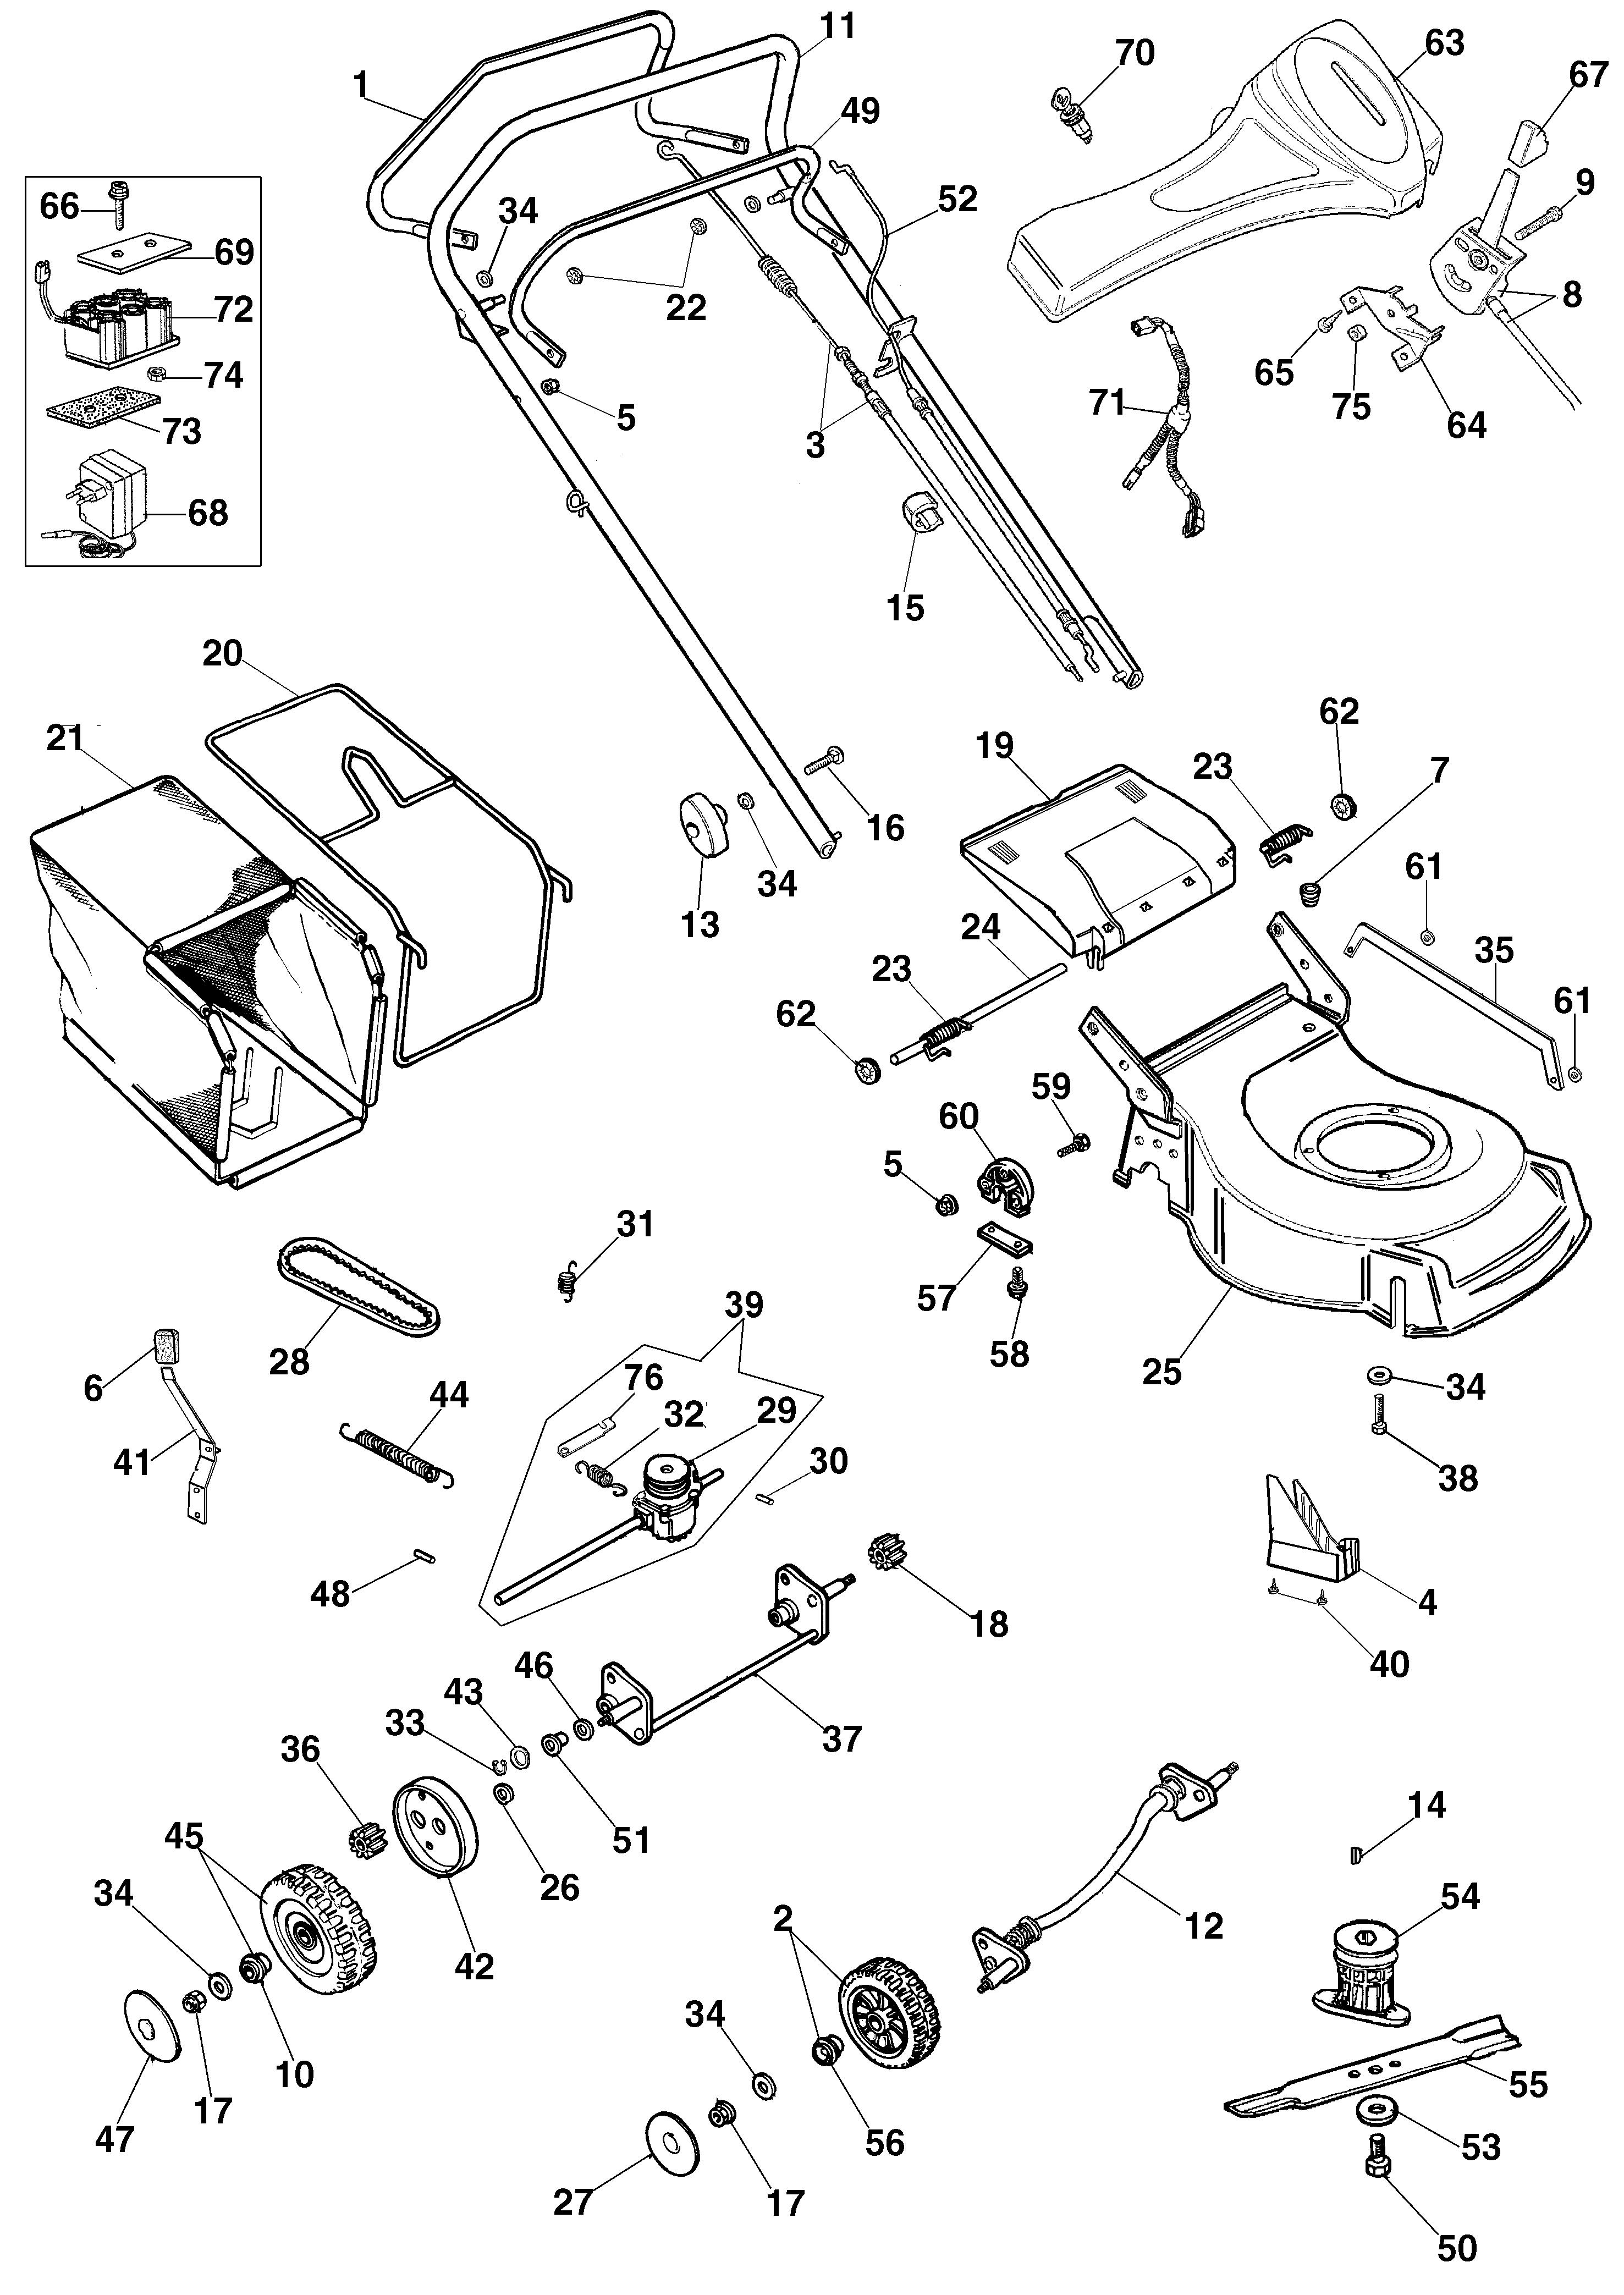 G 48 TBXE Tondeuse Oleomac Dessins pièces -  Vue éclatée (Jusqu a mai 05)